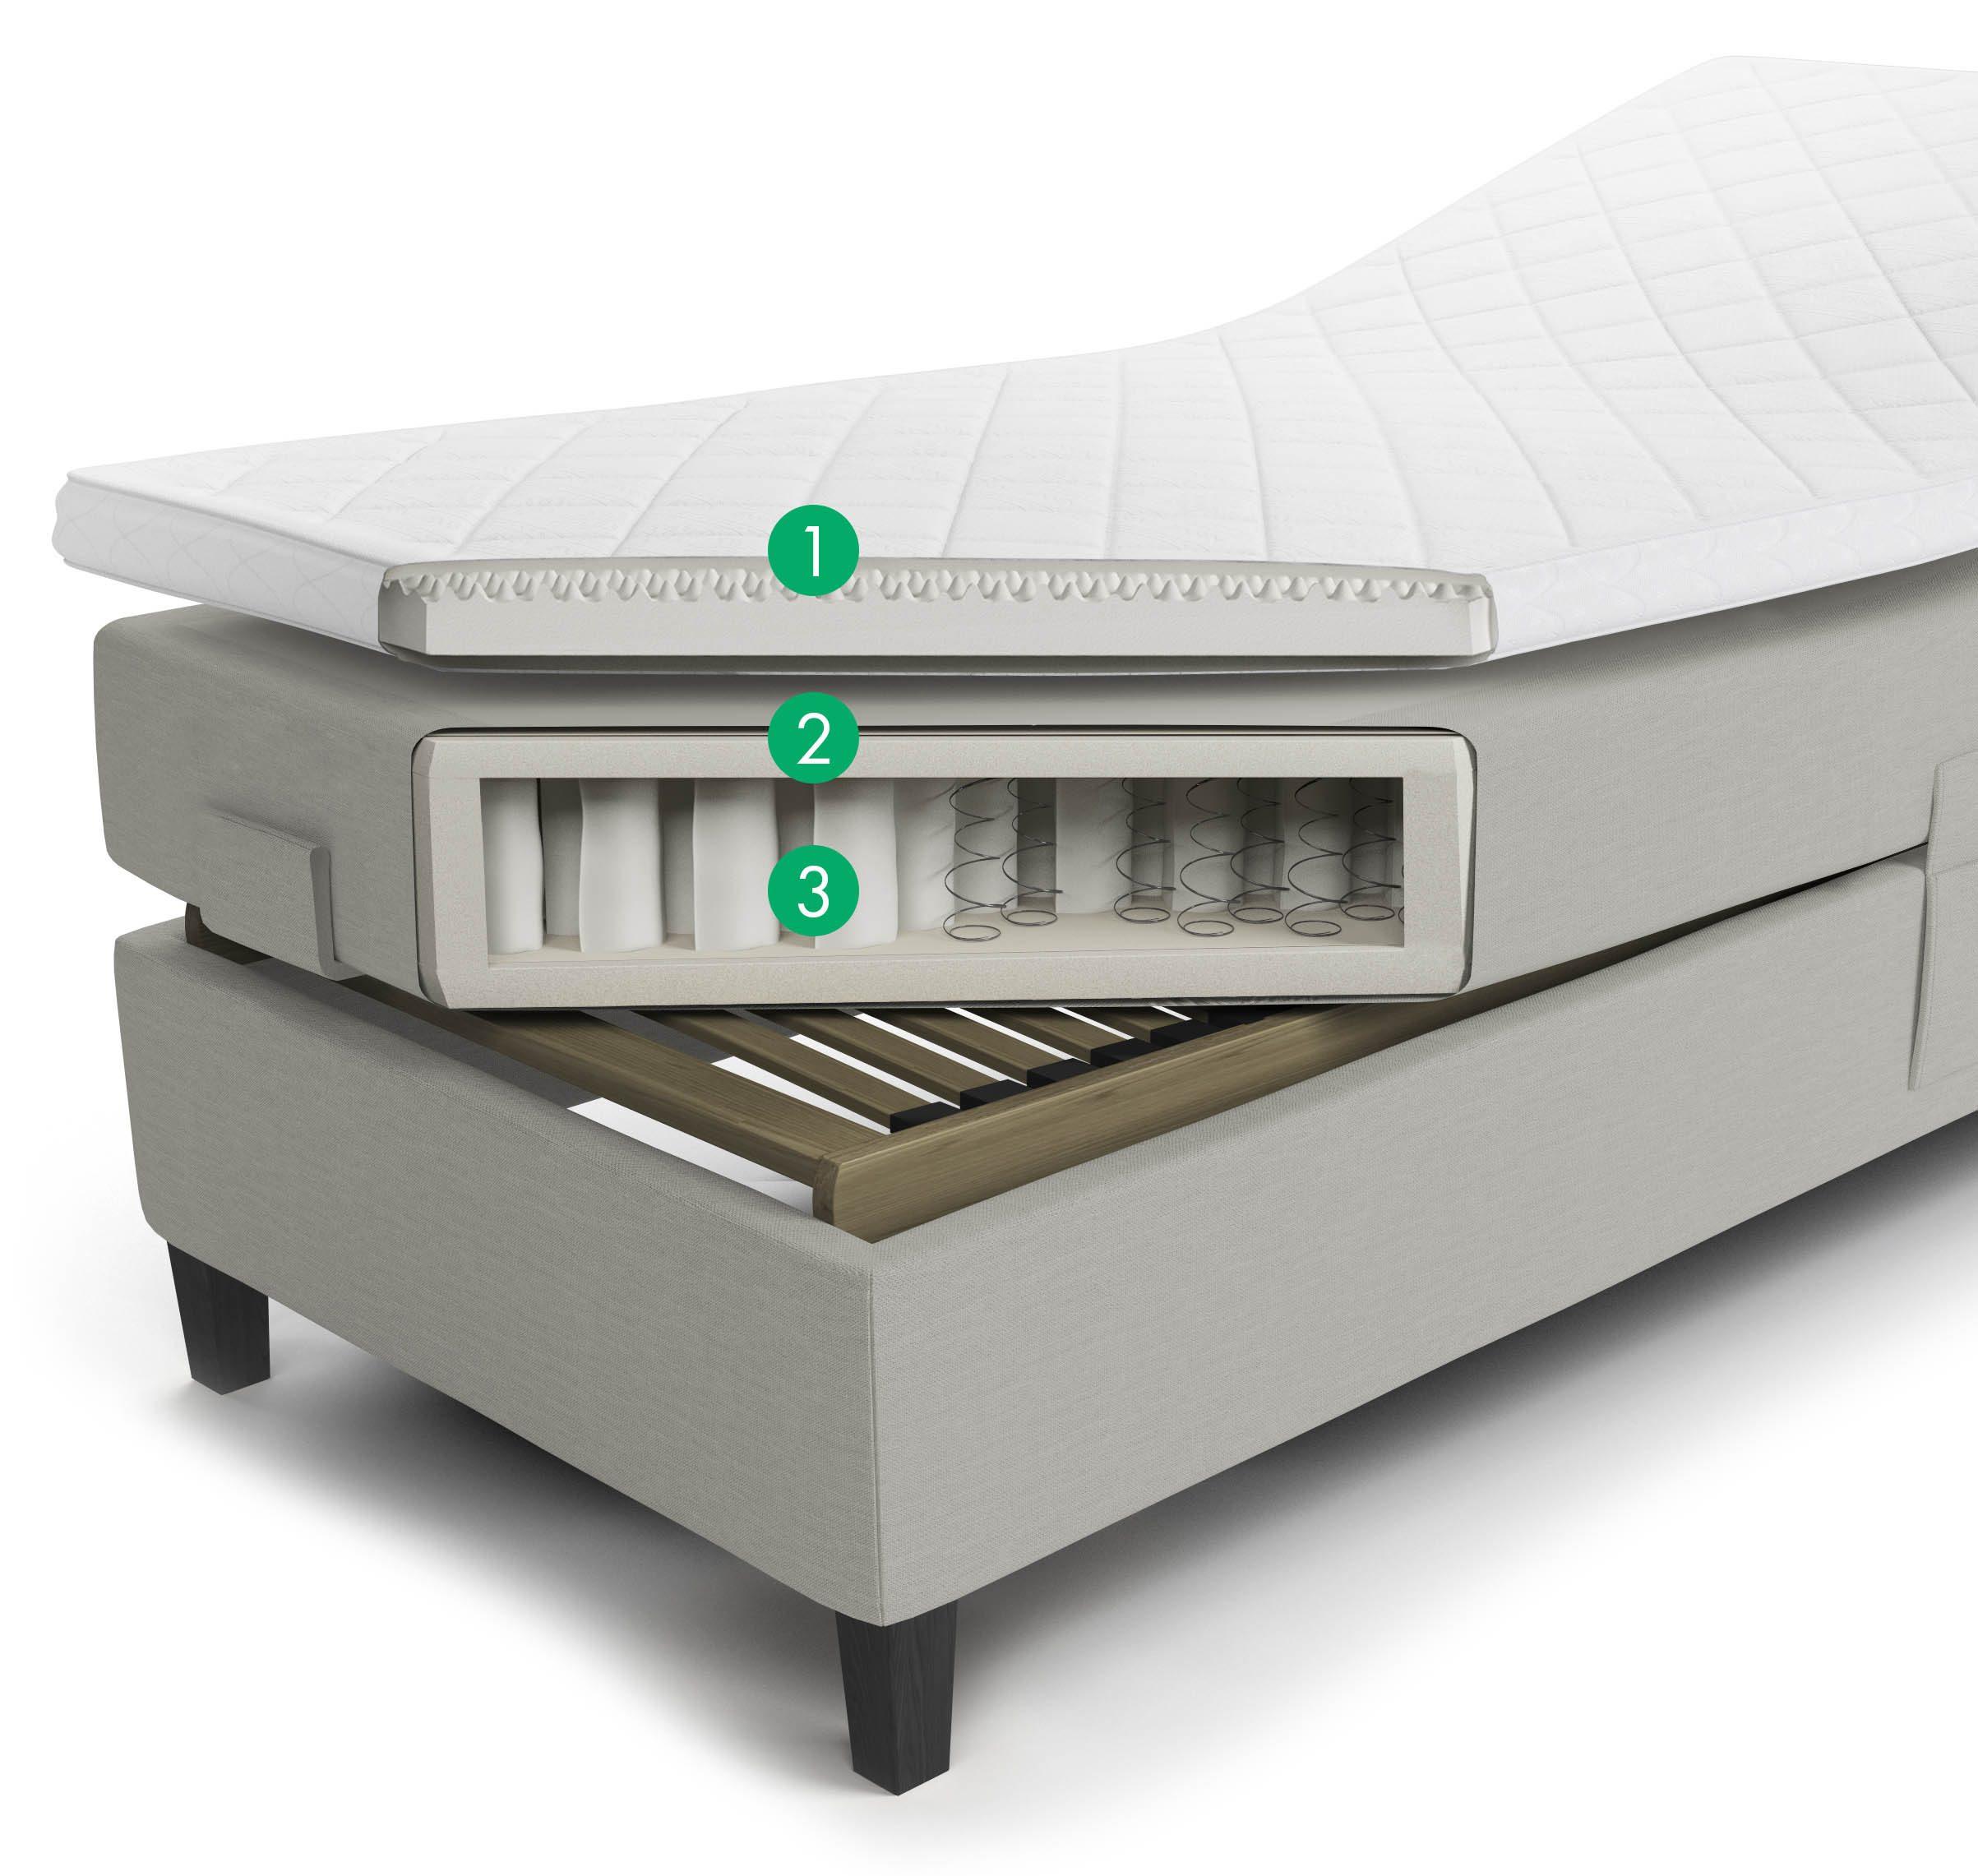 Genomskärning av en Diplomat ställbar säng med Dream underrede.